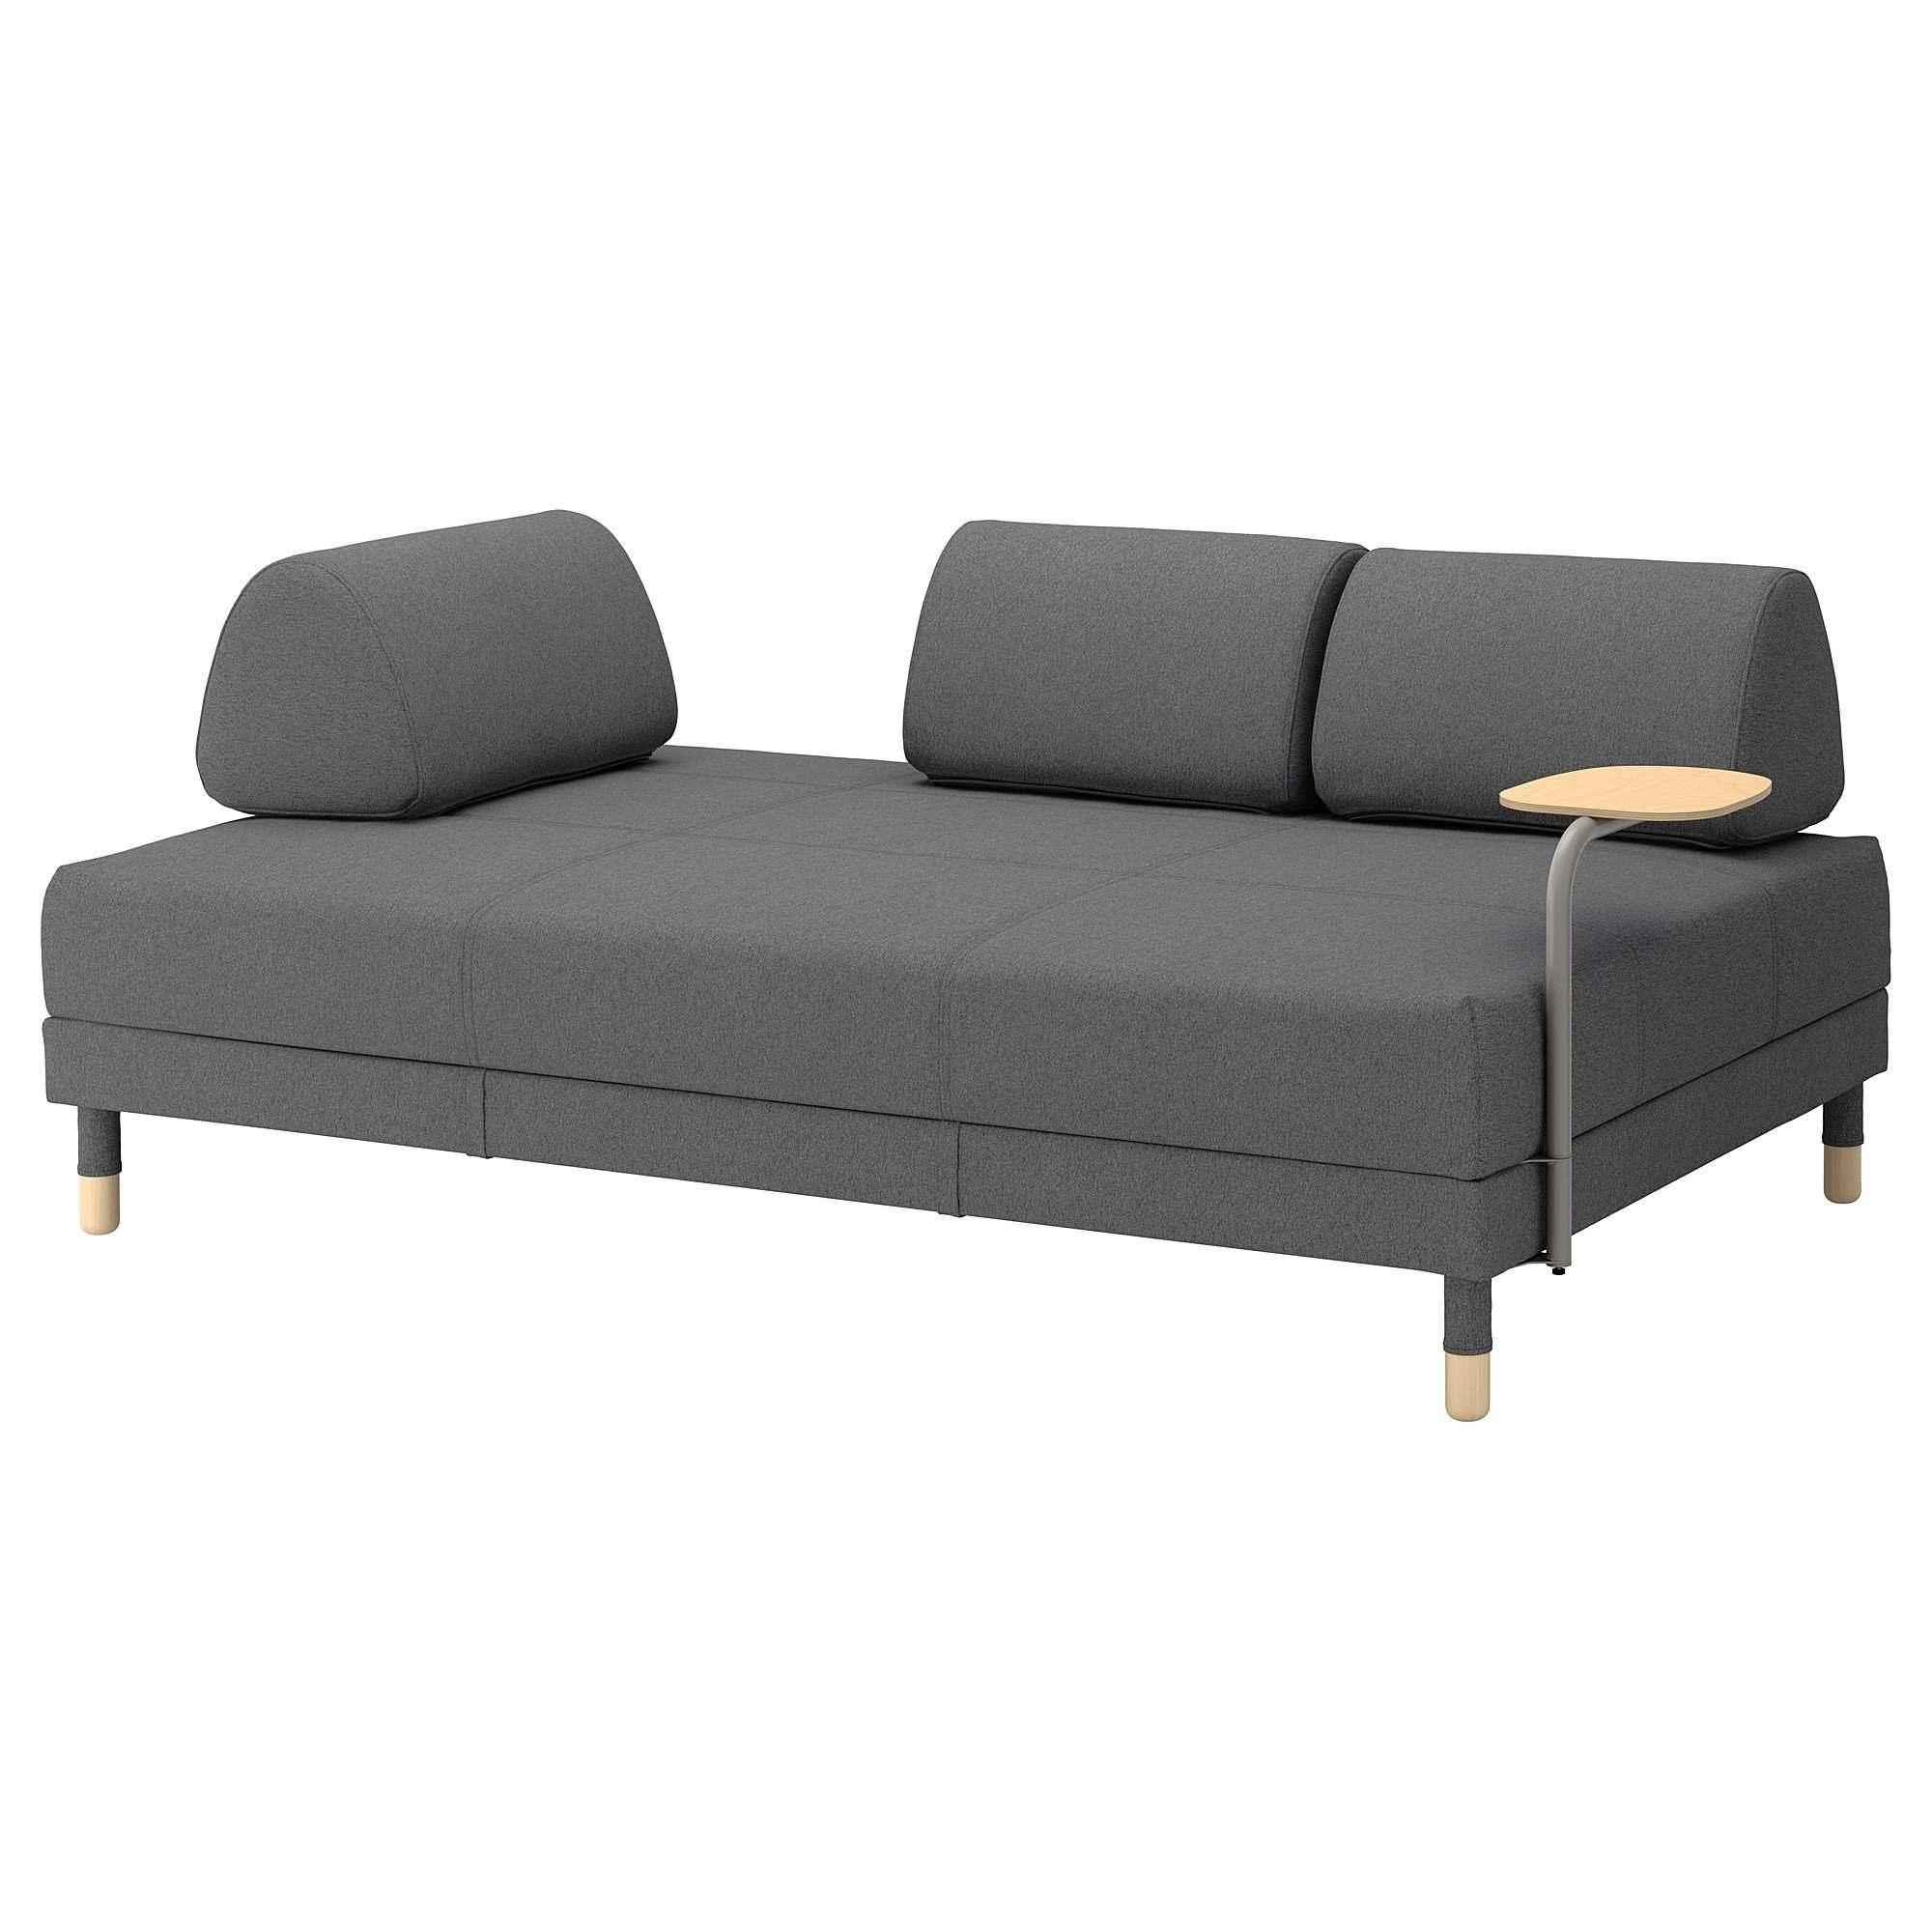 Lit Superposé Escamotable Ikea Beau 34 Collezione Lit Superposé Avec Bureau